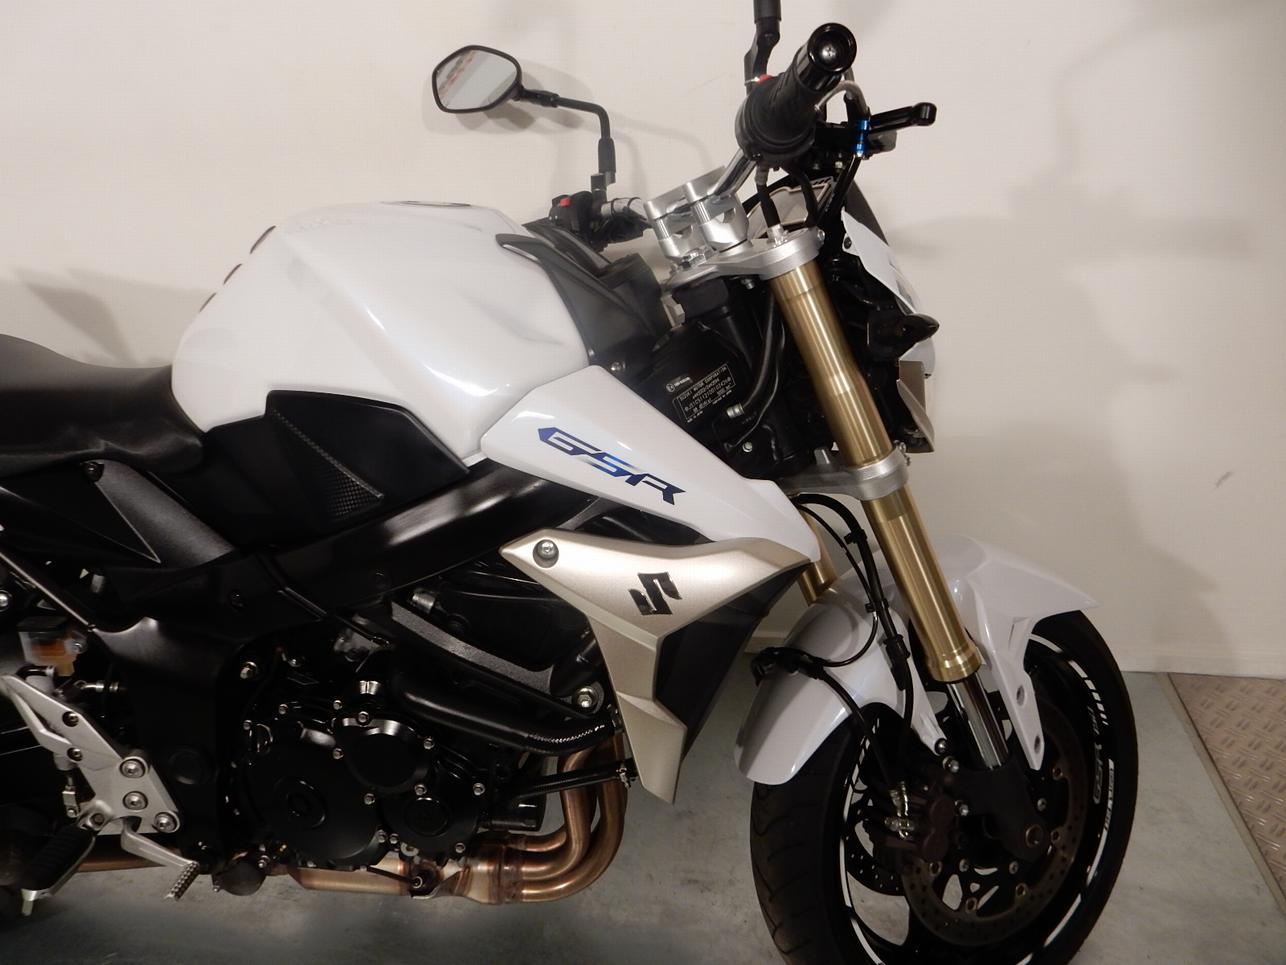 SUZUKI - GSR 750A GSR 750 ABS in perfe